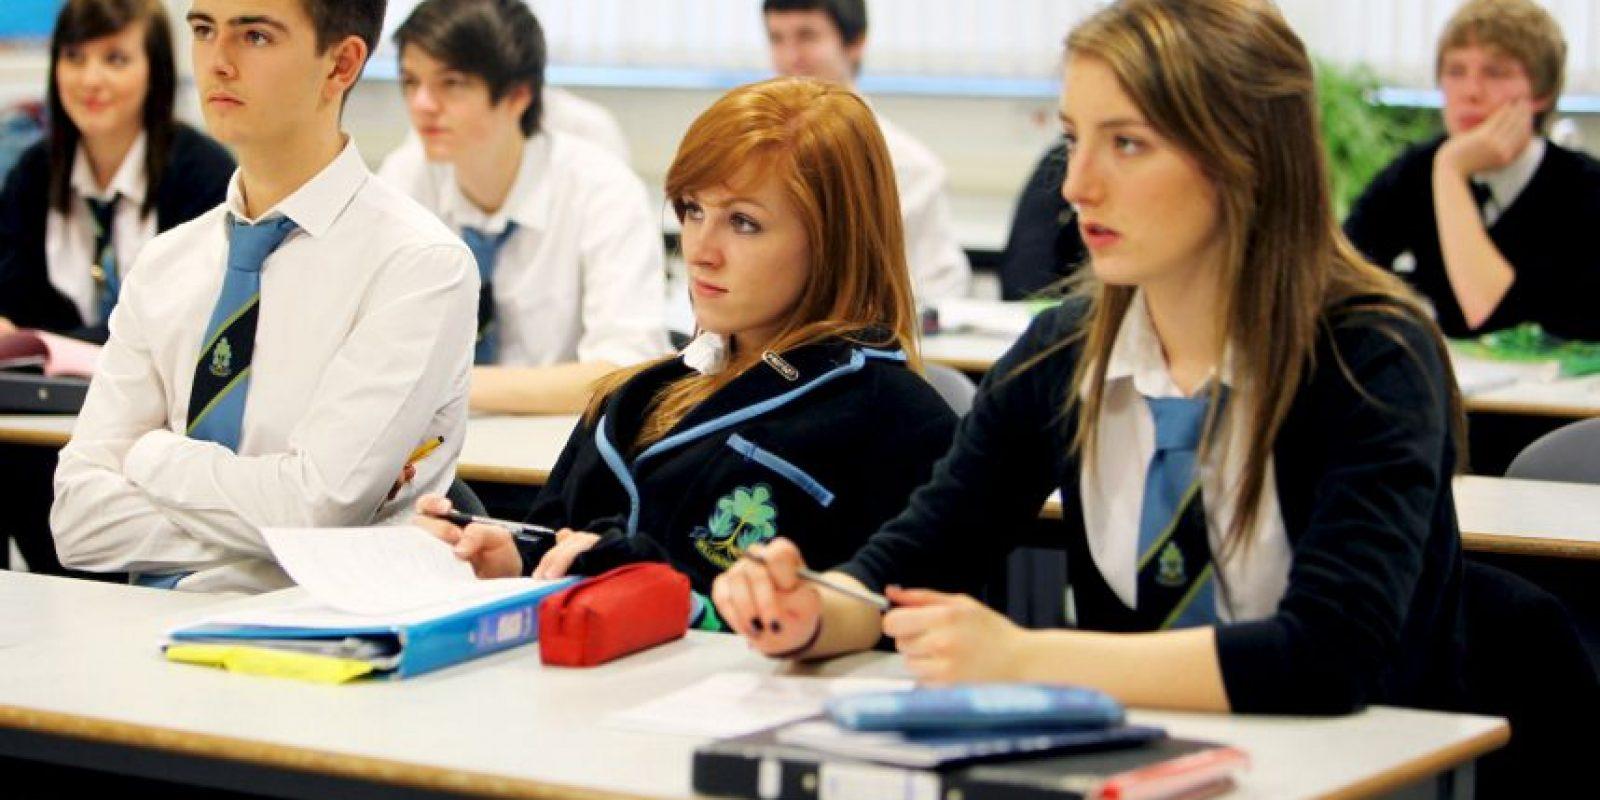 Un preocupante 14% de los jóvenes que son víctimas del bullying o acoso escolar consideran el suicidio como una manera de escapar de su sufrimiento. Foto:Getty Images